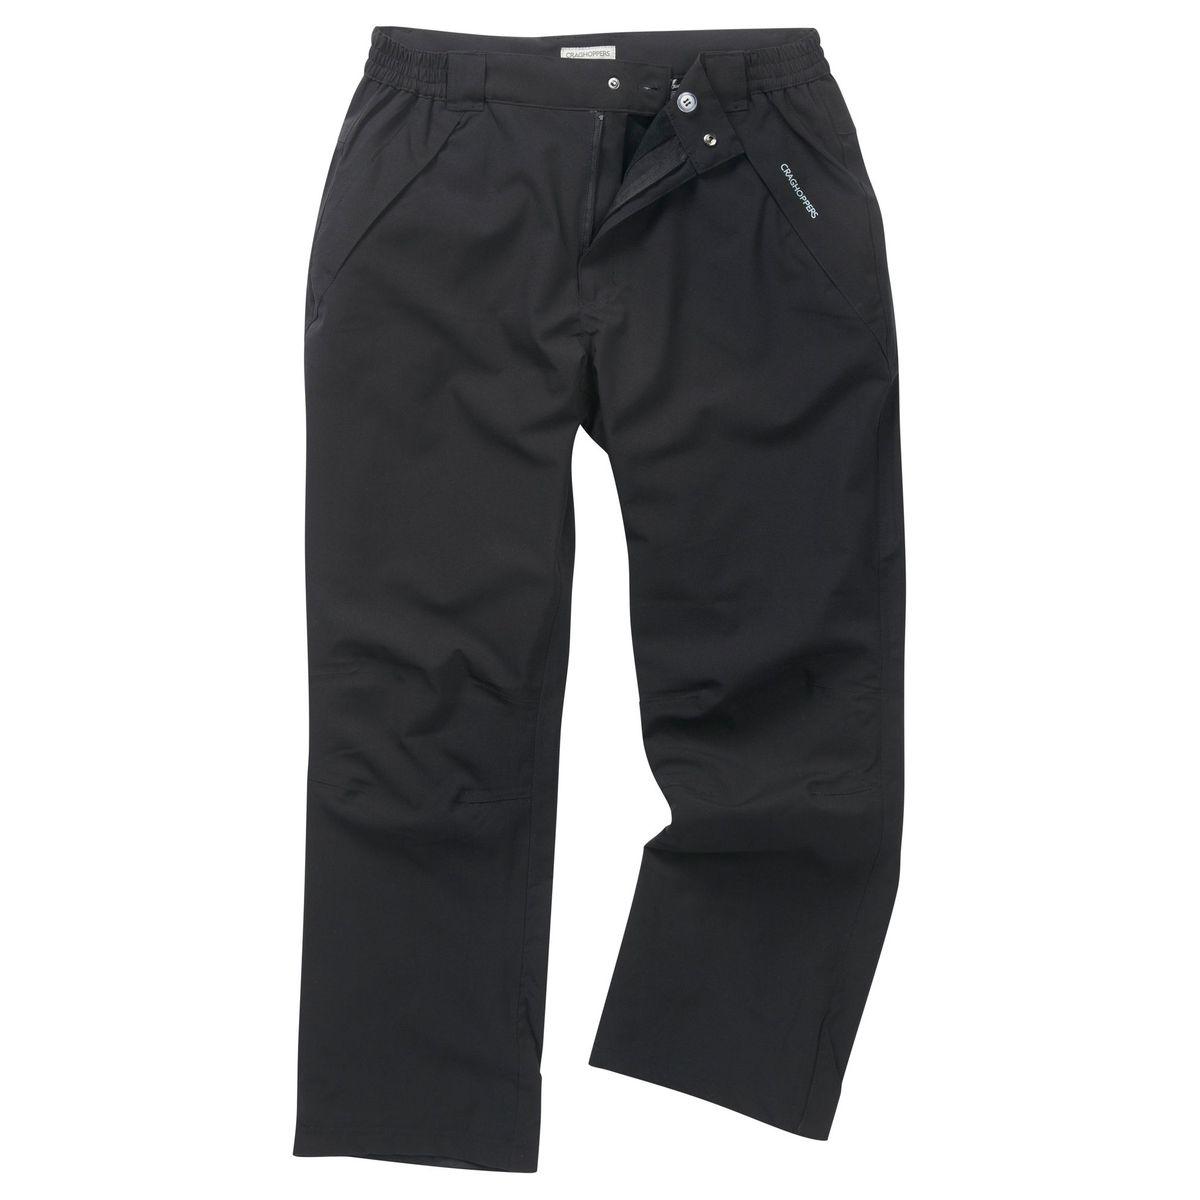 Pantalon de randonnée imperméable STEALL